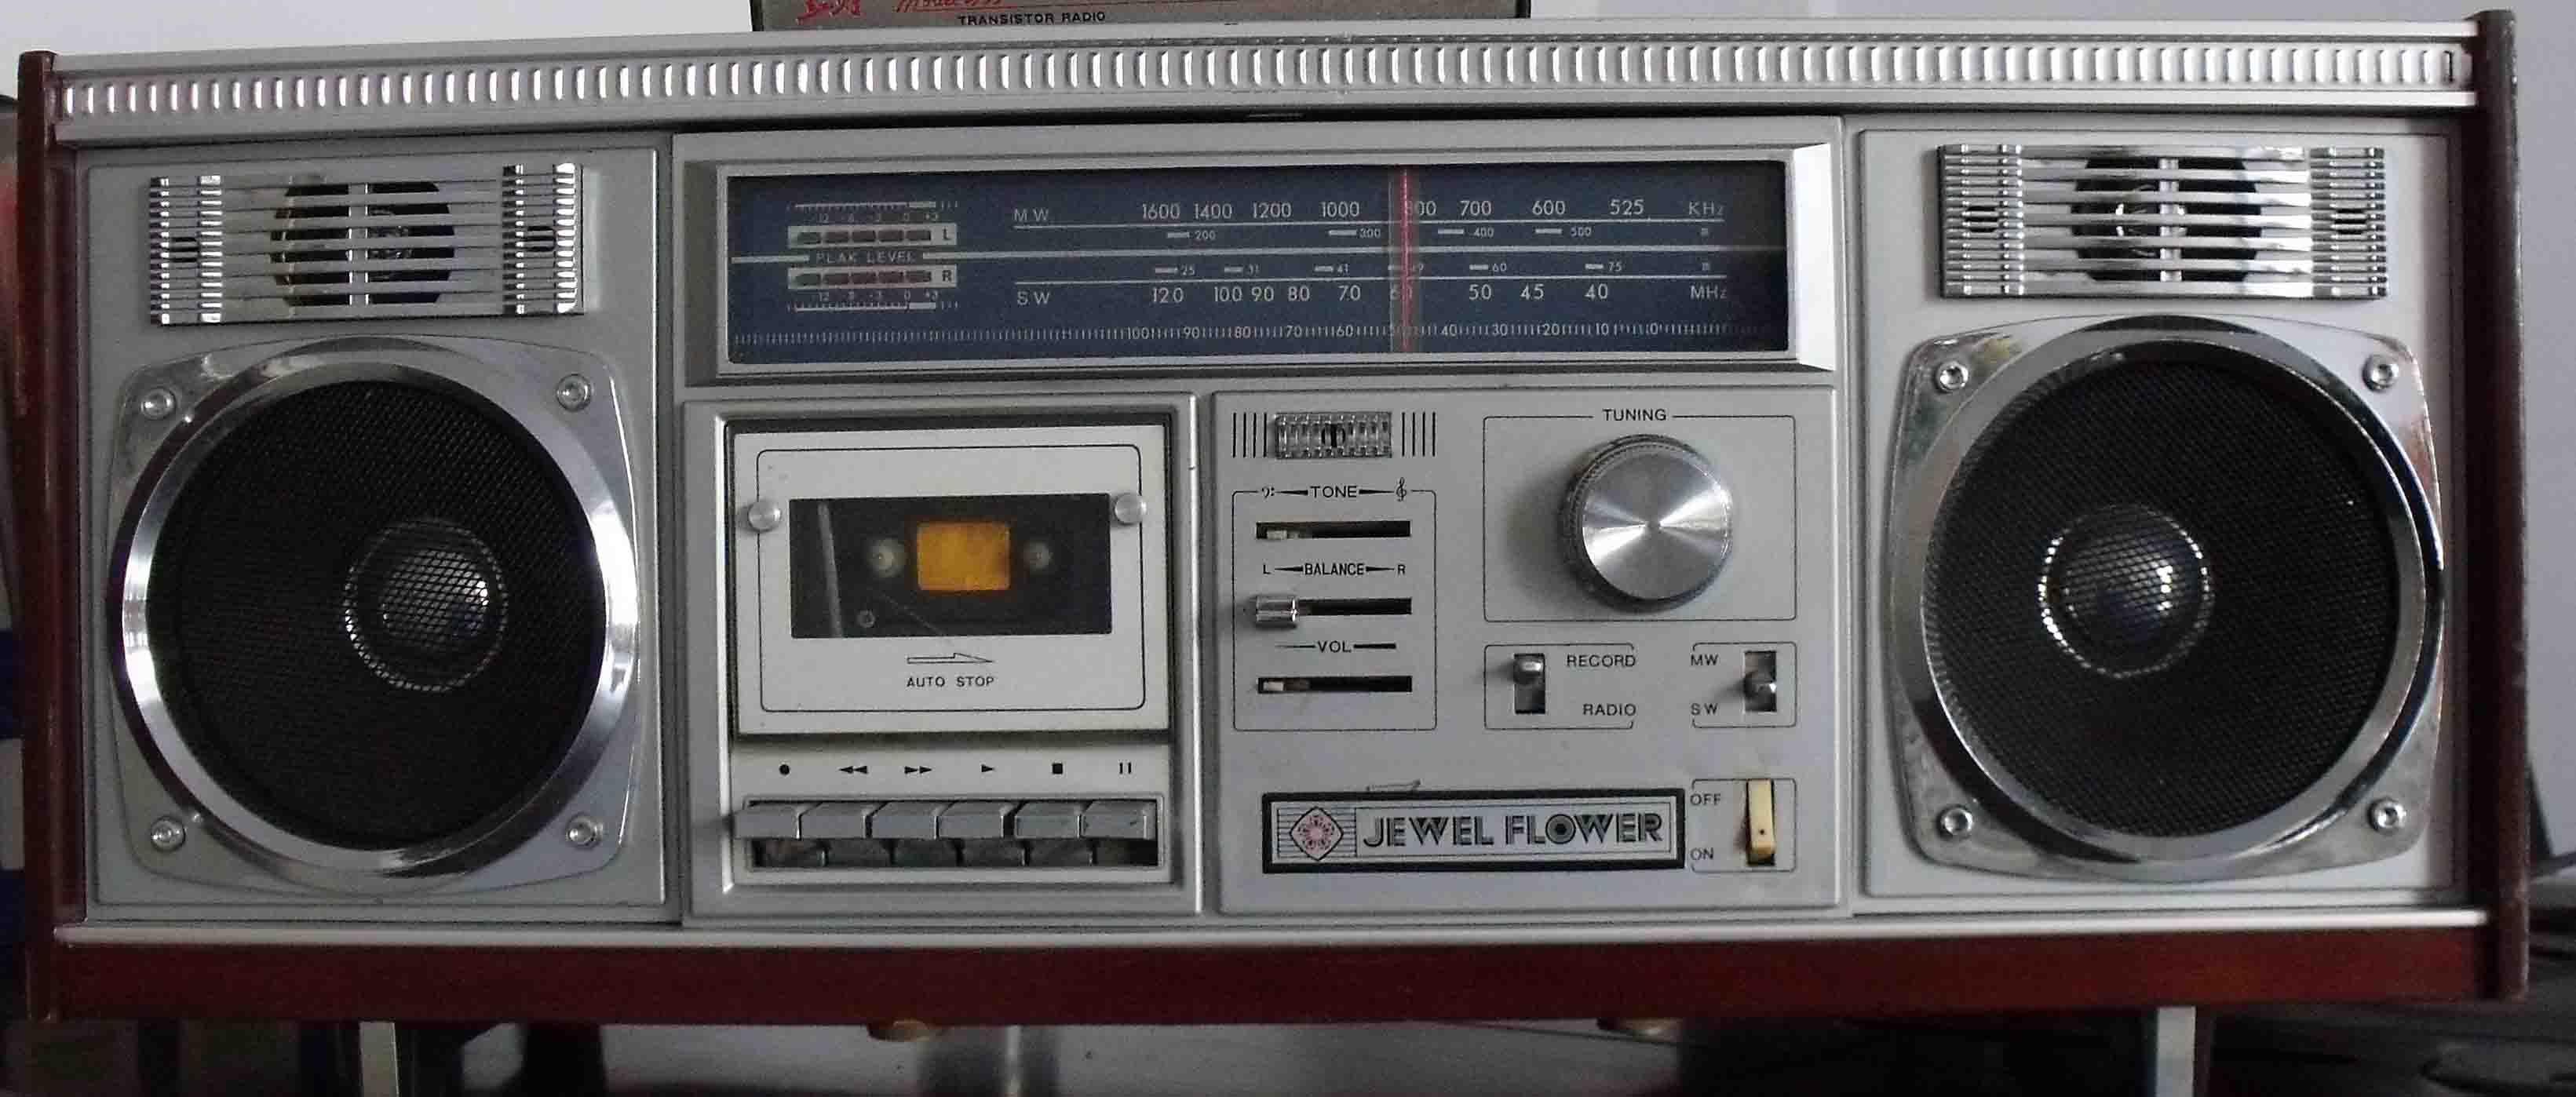 宝石花台式立体声收录机